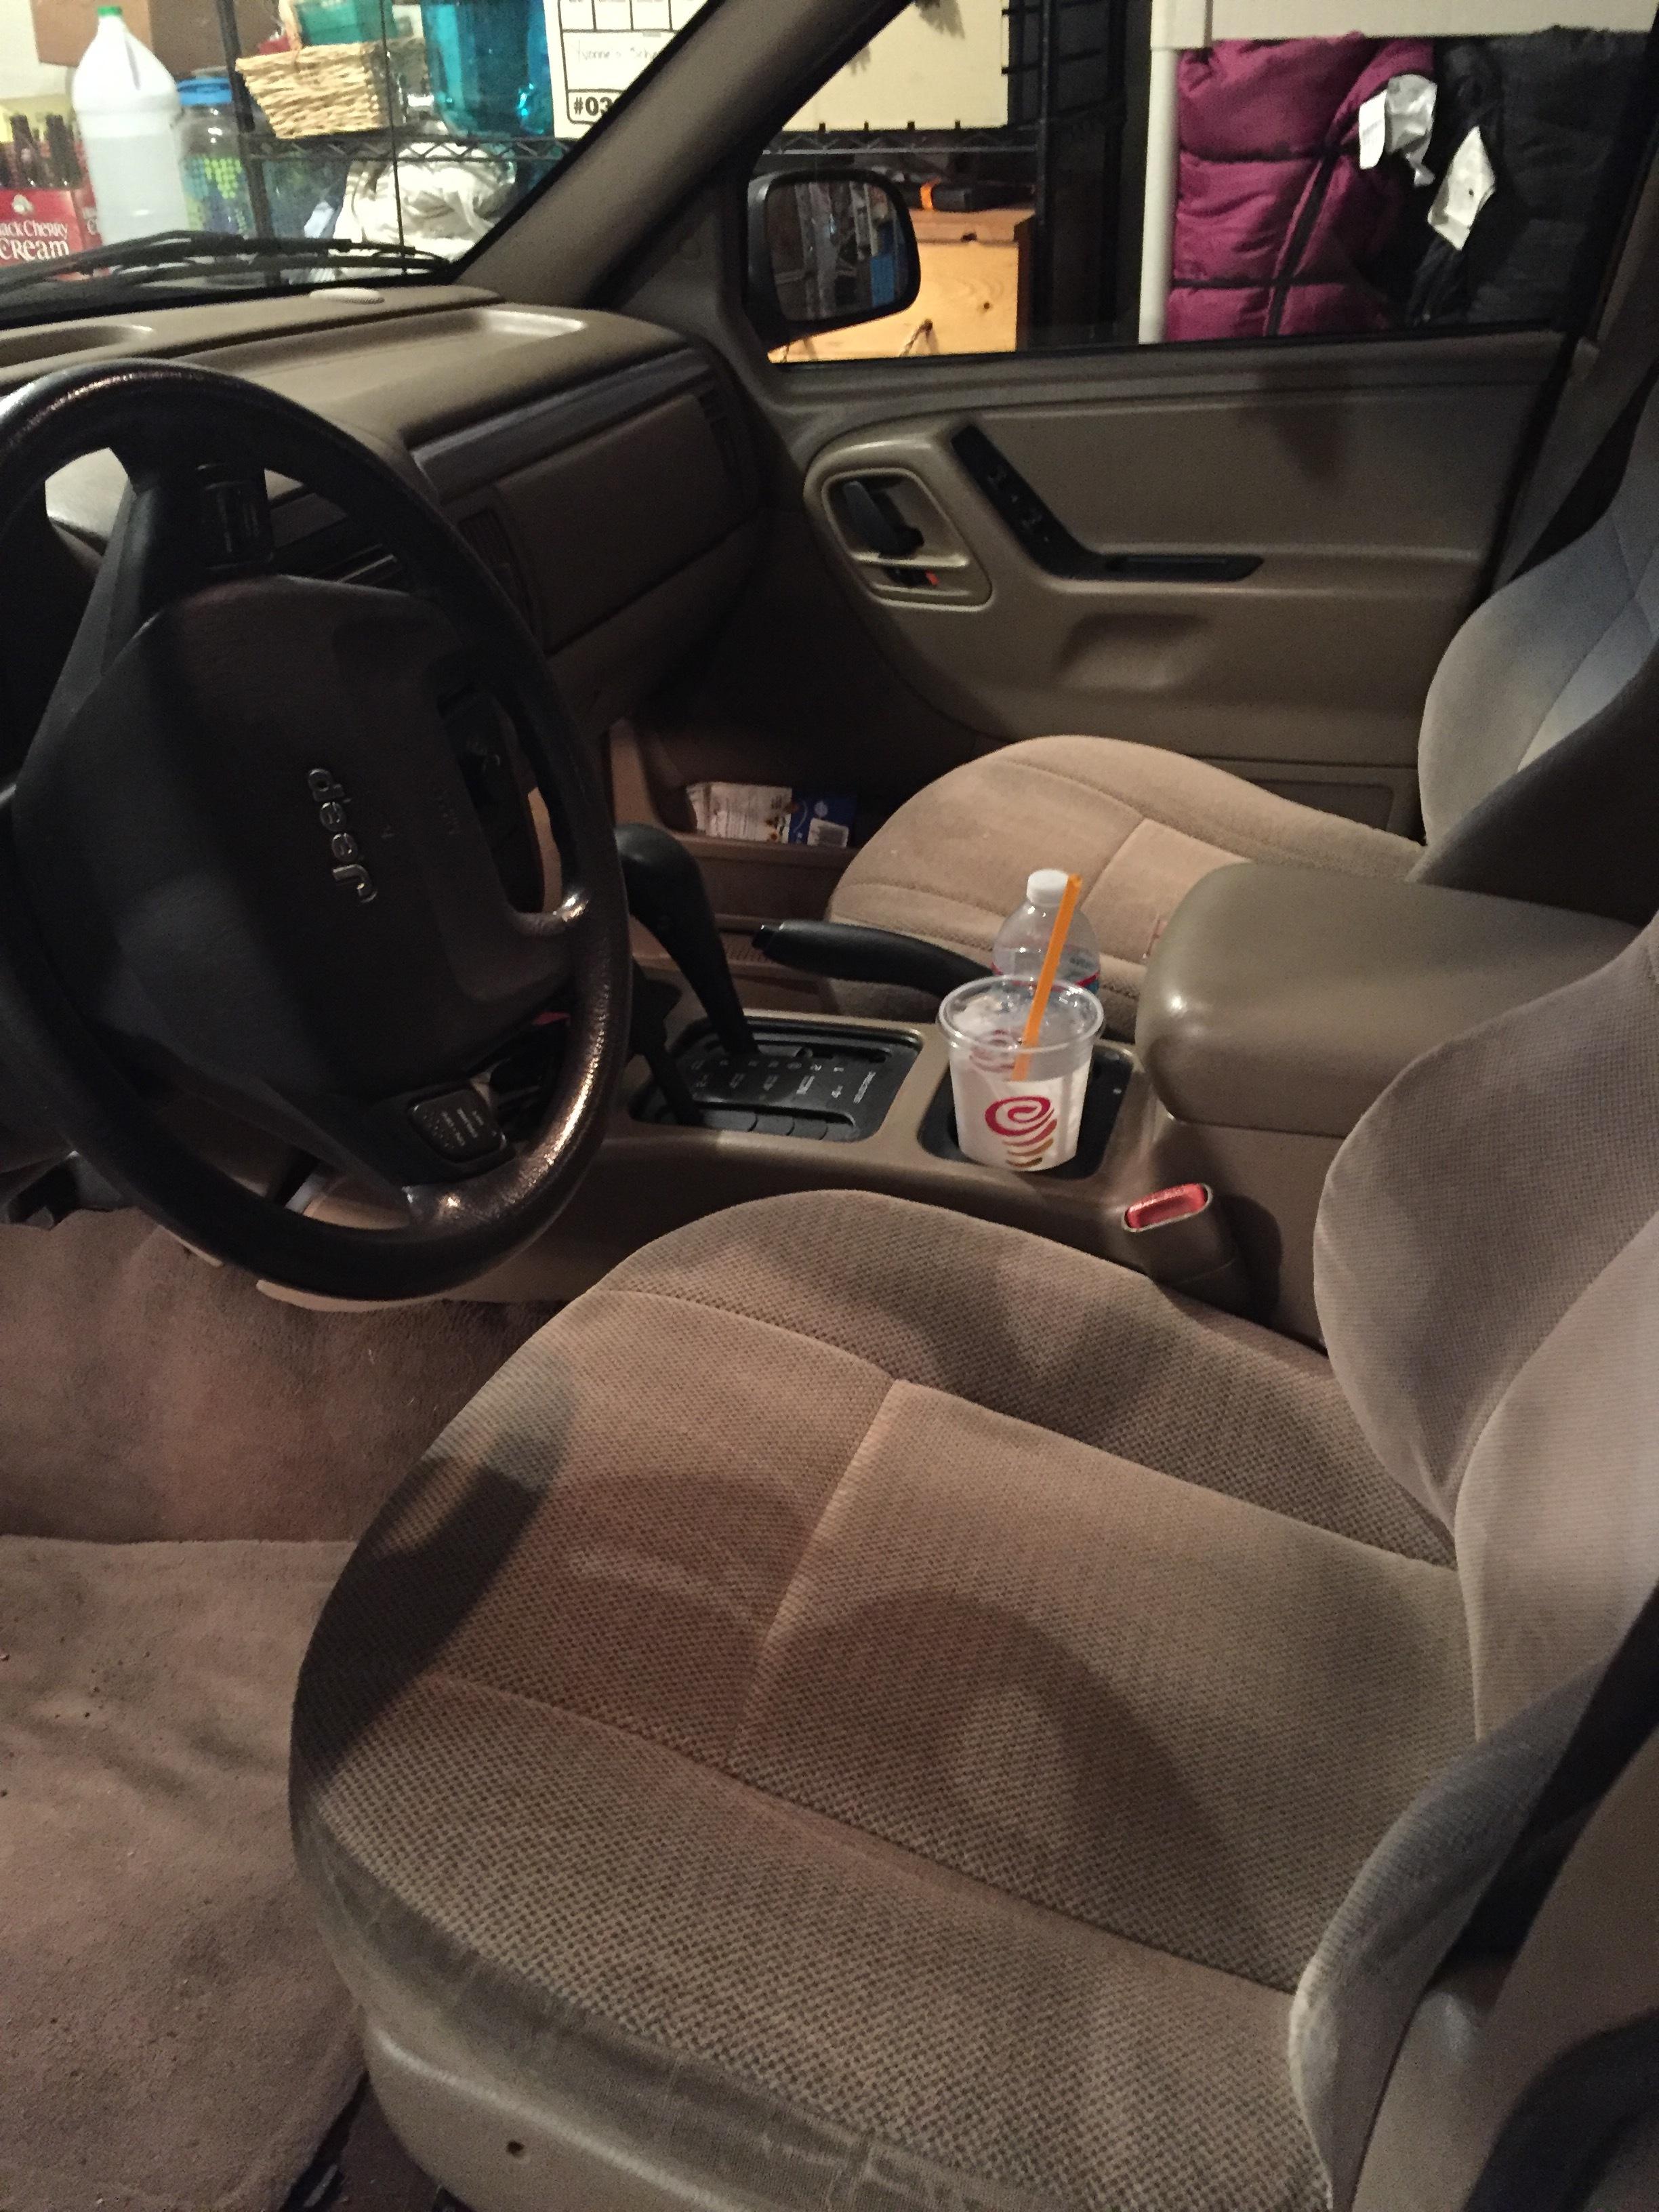 Kickstart to Clutter Free car